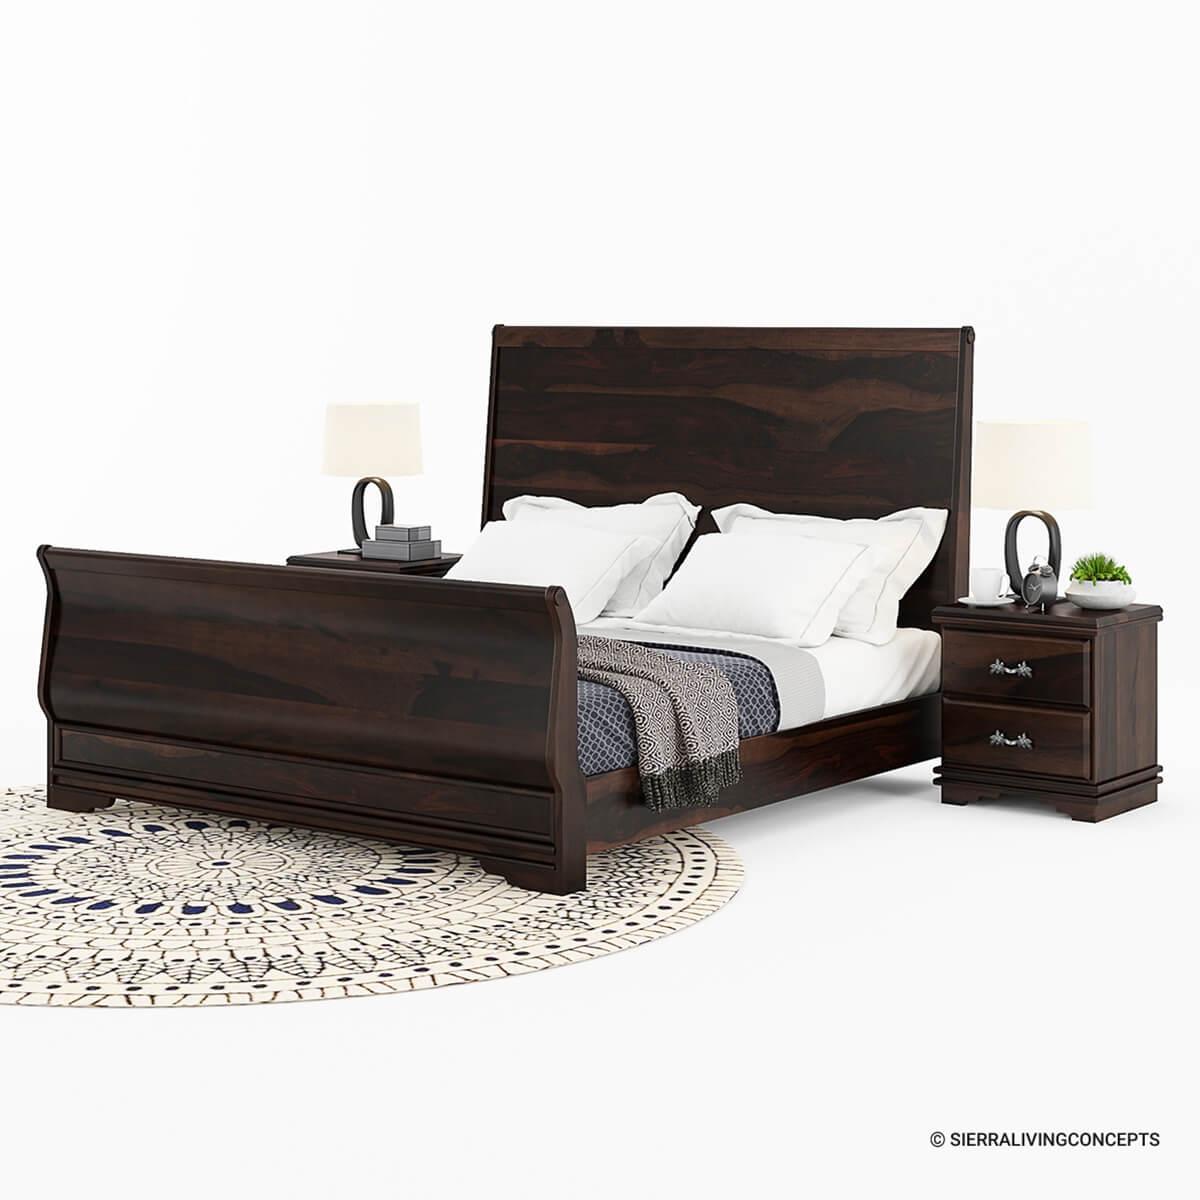 Sleigh Back California King Size Platform Bed 7pc Bedroom Set